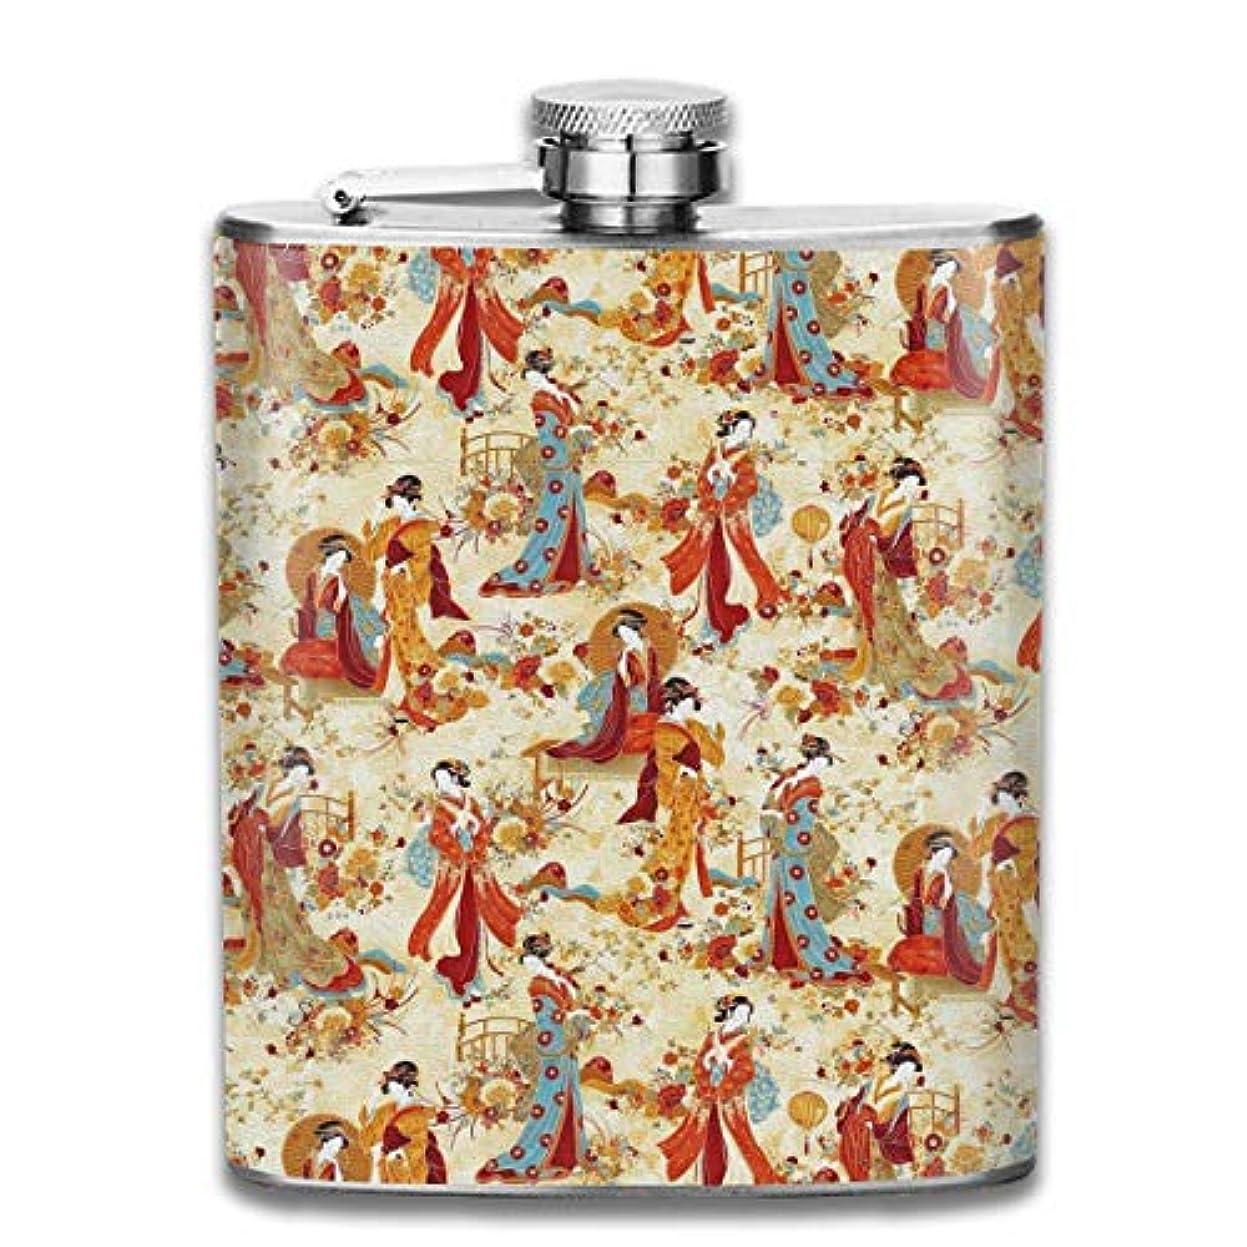 困惑望まないストロー美人フラスコ スキットル ヒップフラスコ 7オンス 206ml 高品質ステンレス製 ウイスキー アルコール 清酒 携帯 ボトル